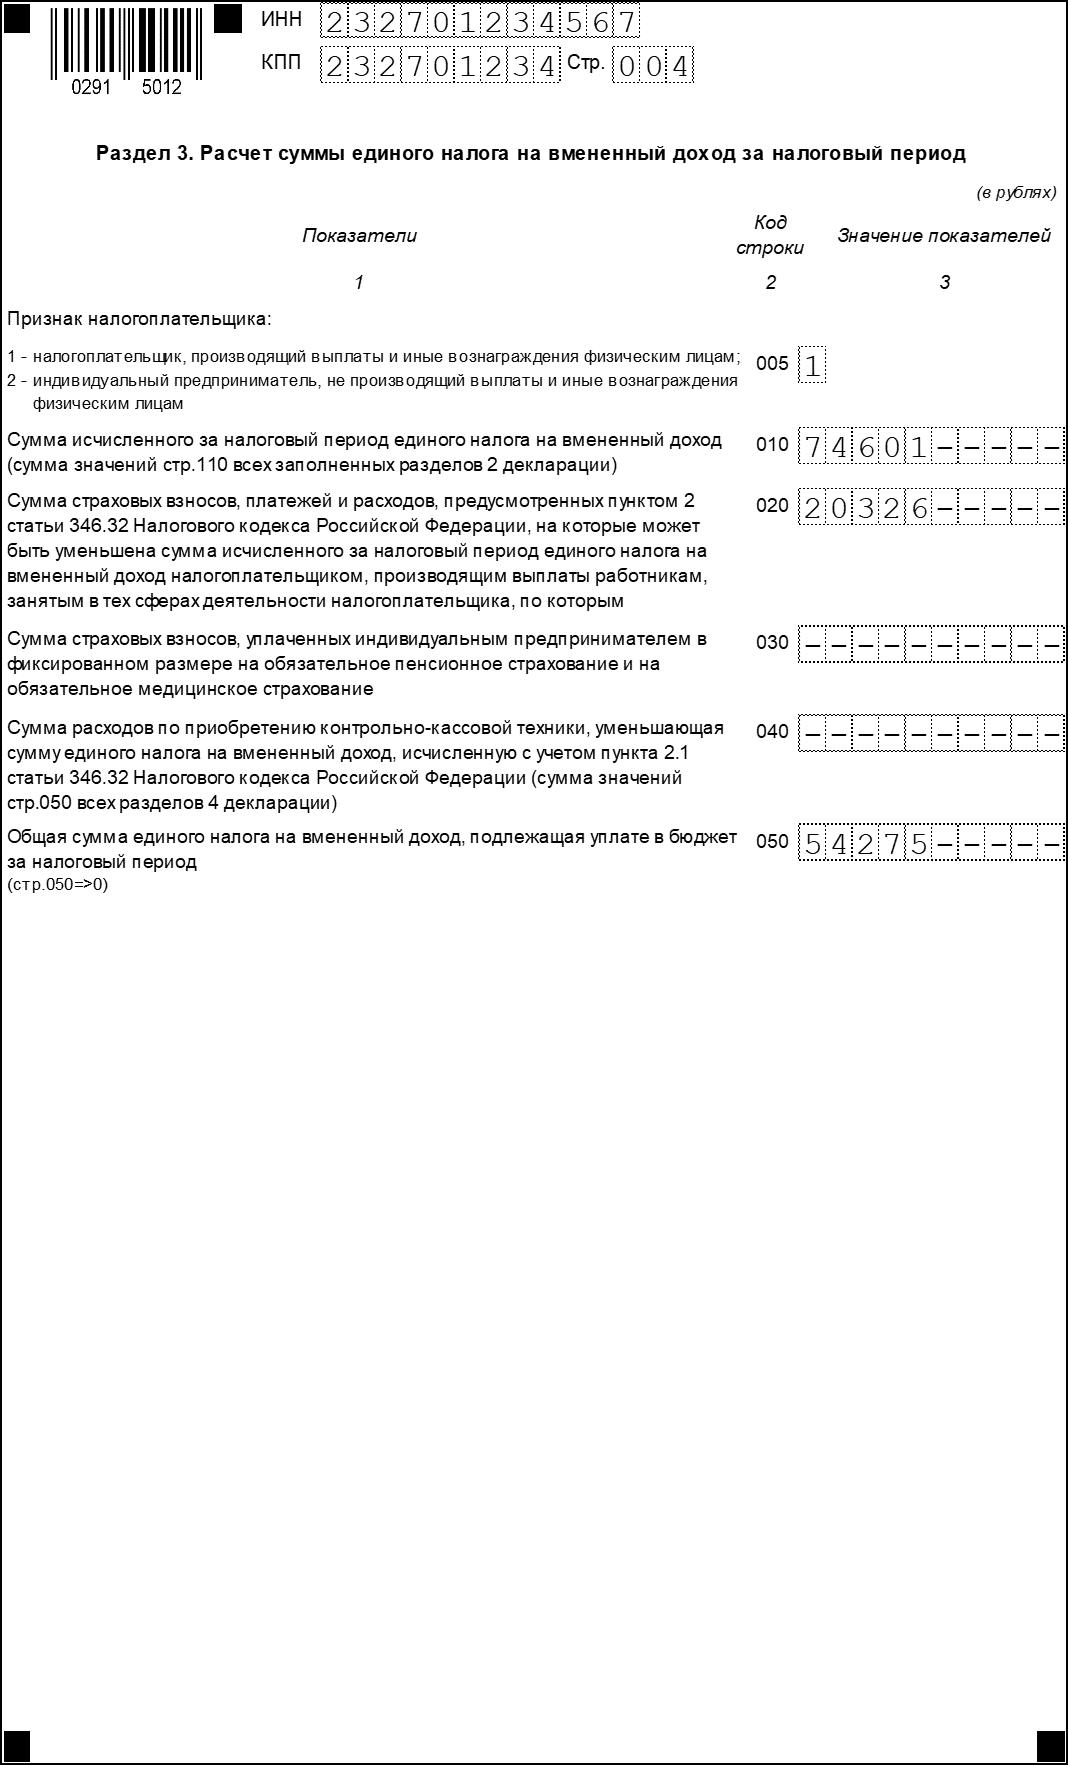 Раздел 3 декларации по ЕНВД